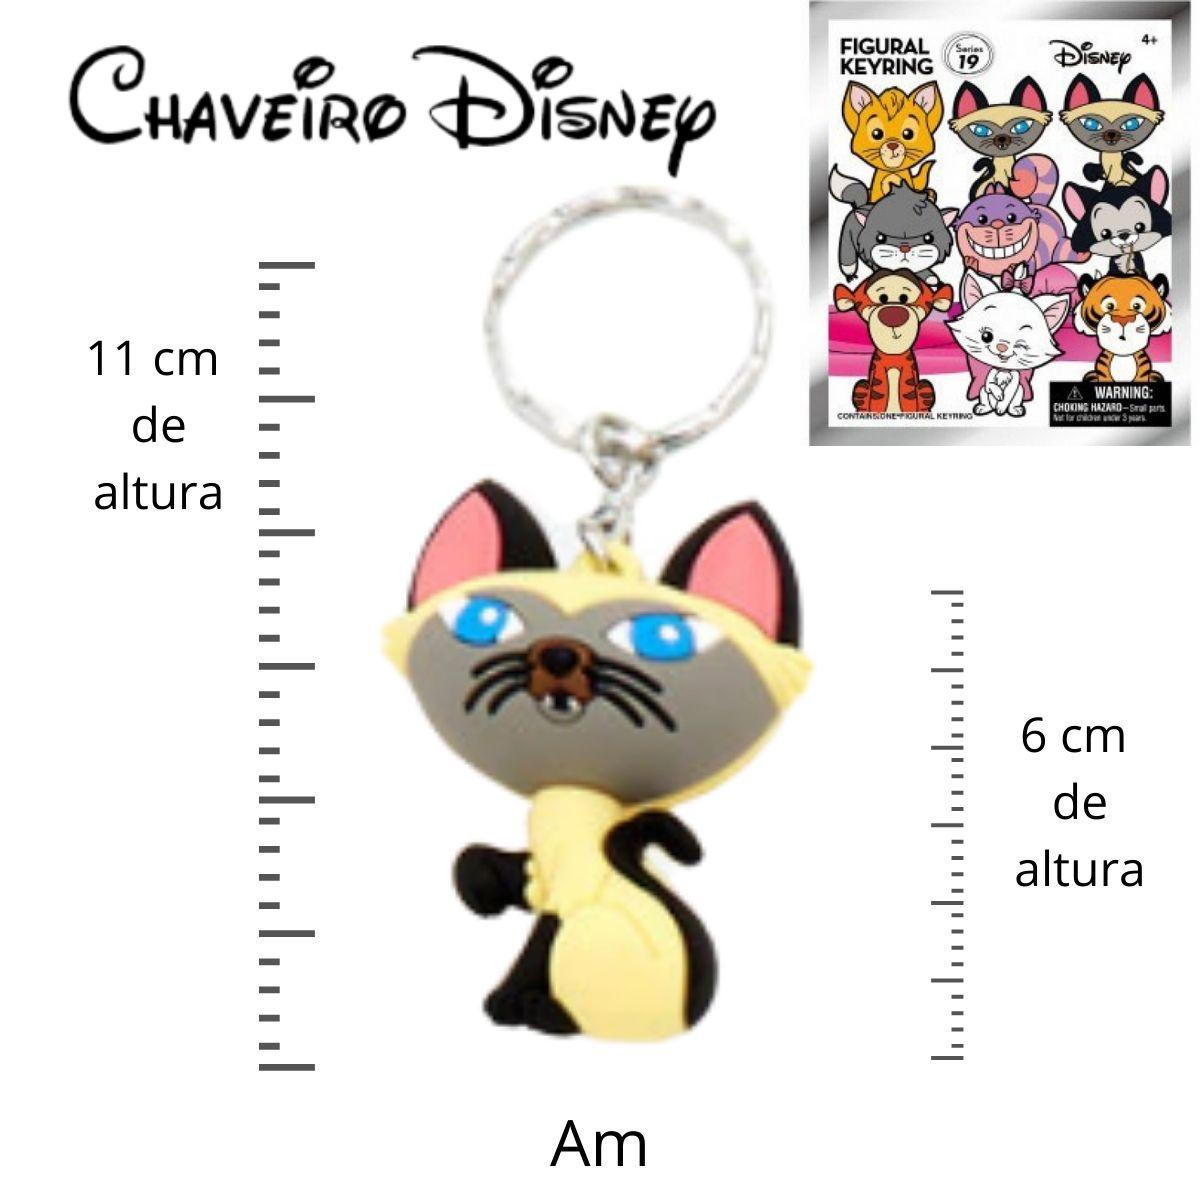 Chaveiro Disney Am Gato Siamês filme A dama e o vagabundo  - Game Land Brinquedos